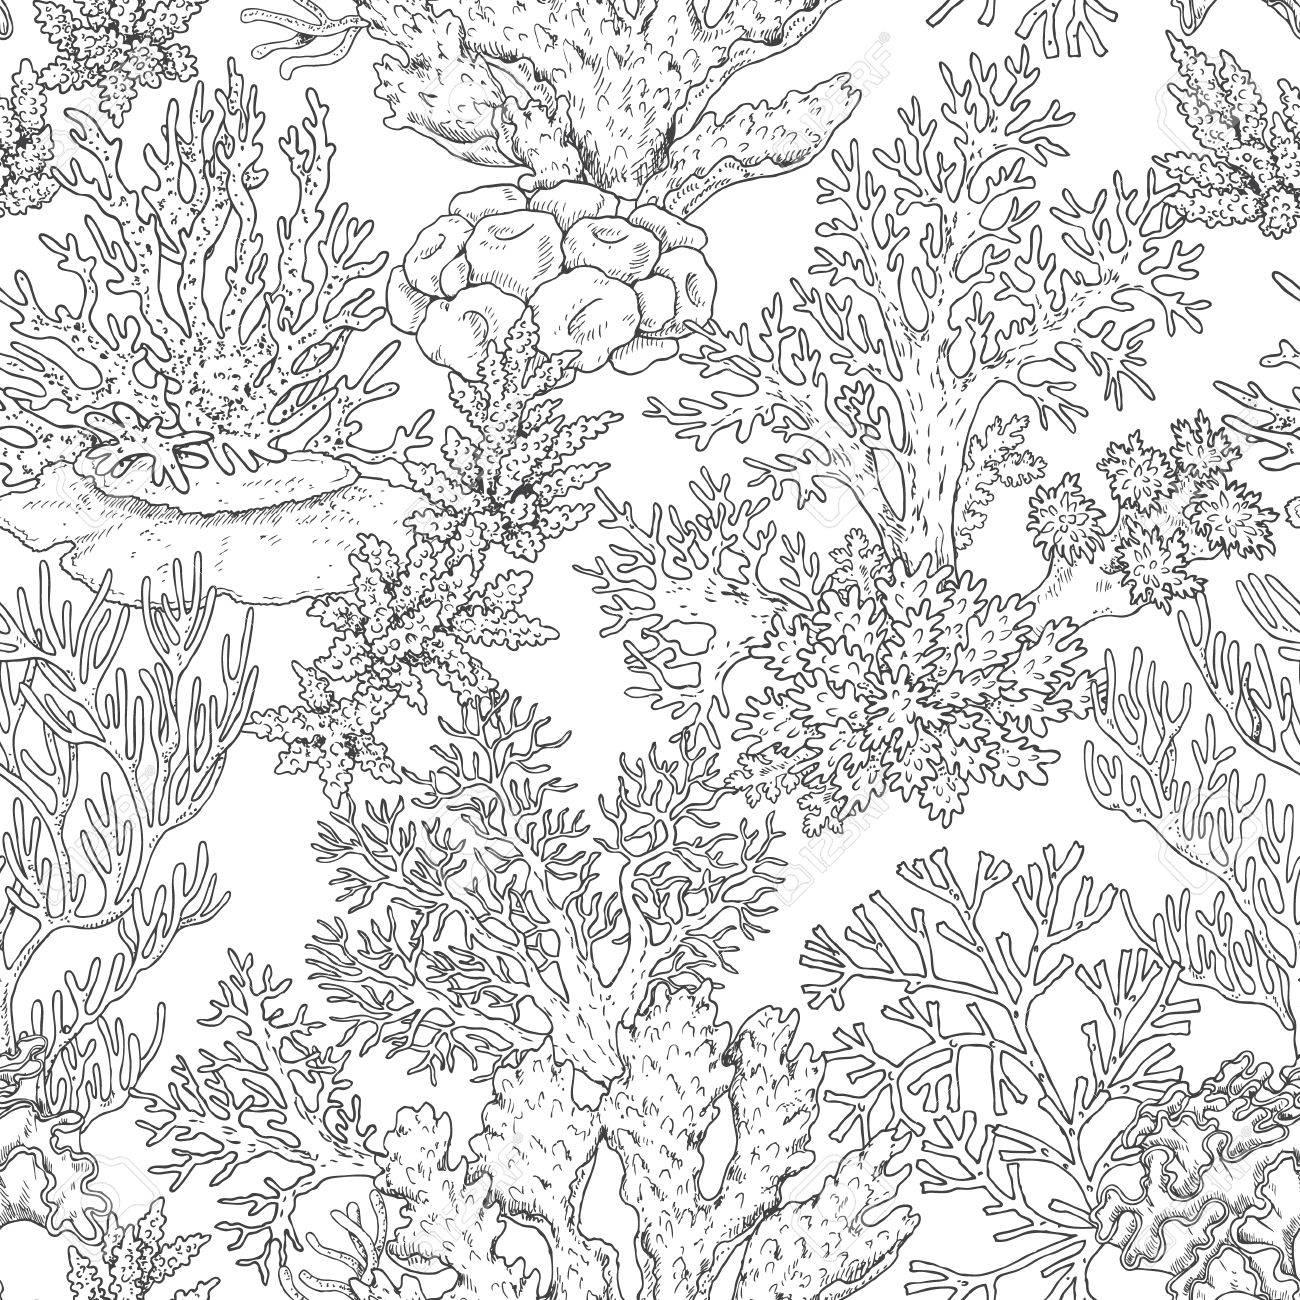 Elementos Naturales Subacuáticos Dibujados A Mano Patrón Sin Fisuras Con Corales De Arrecife Mar Fondo Textura Monocromática Ilustración En